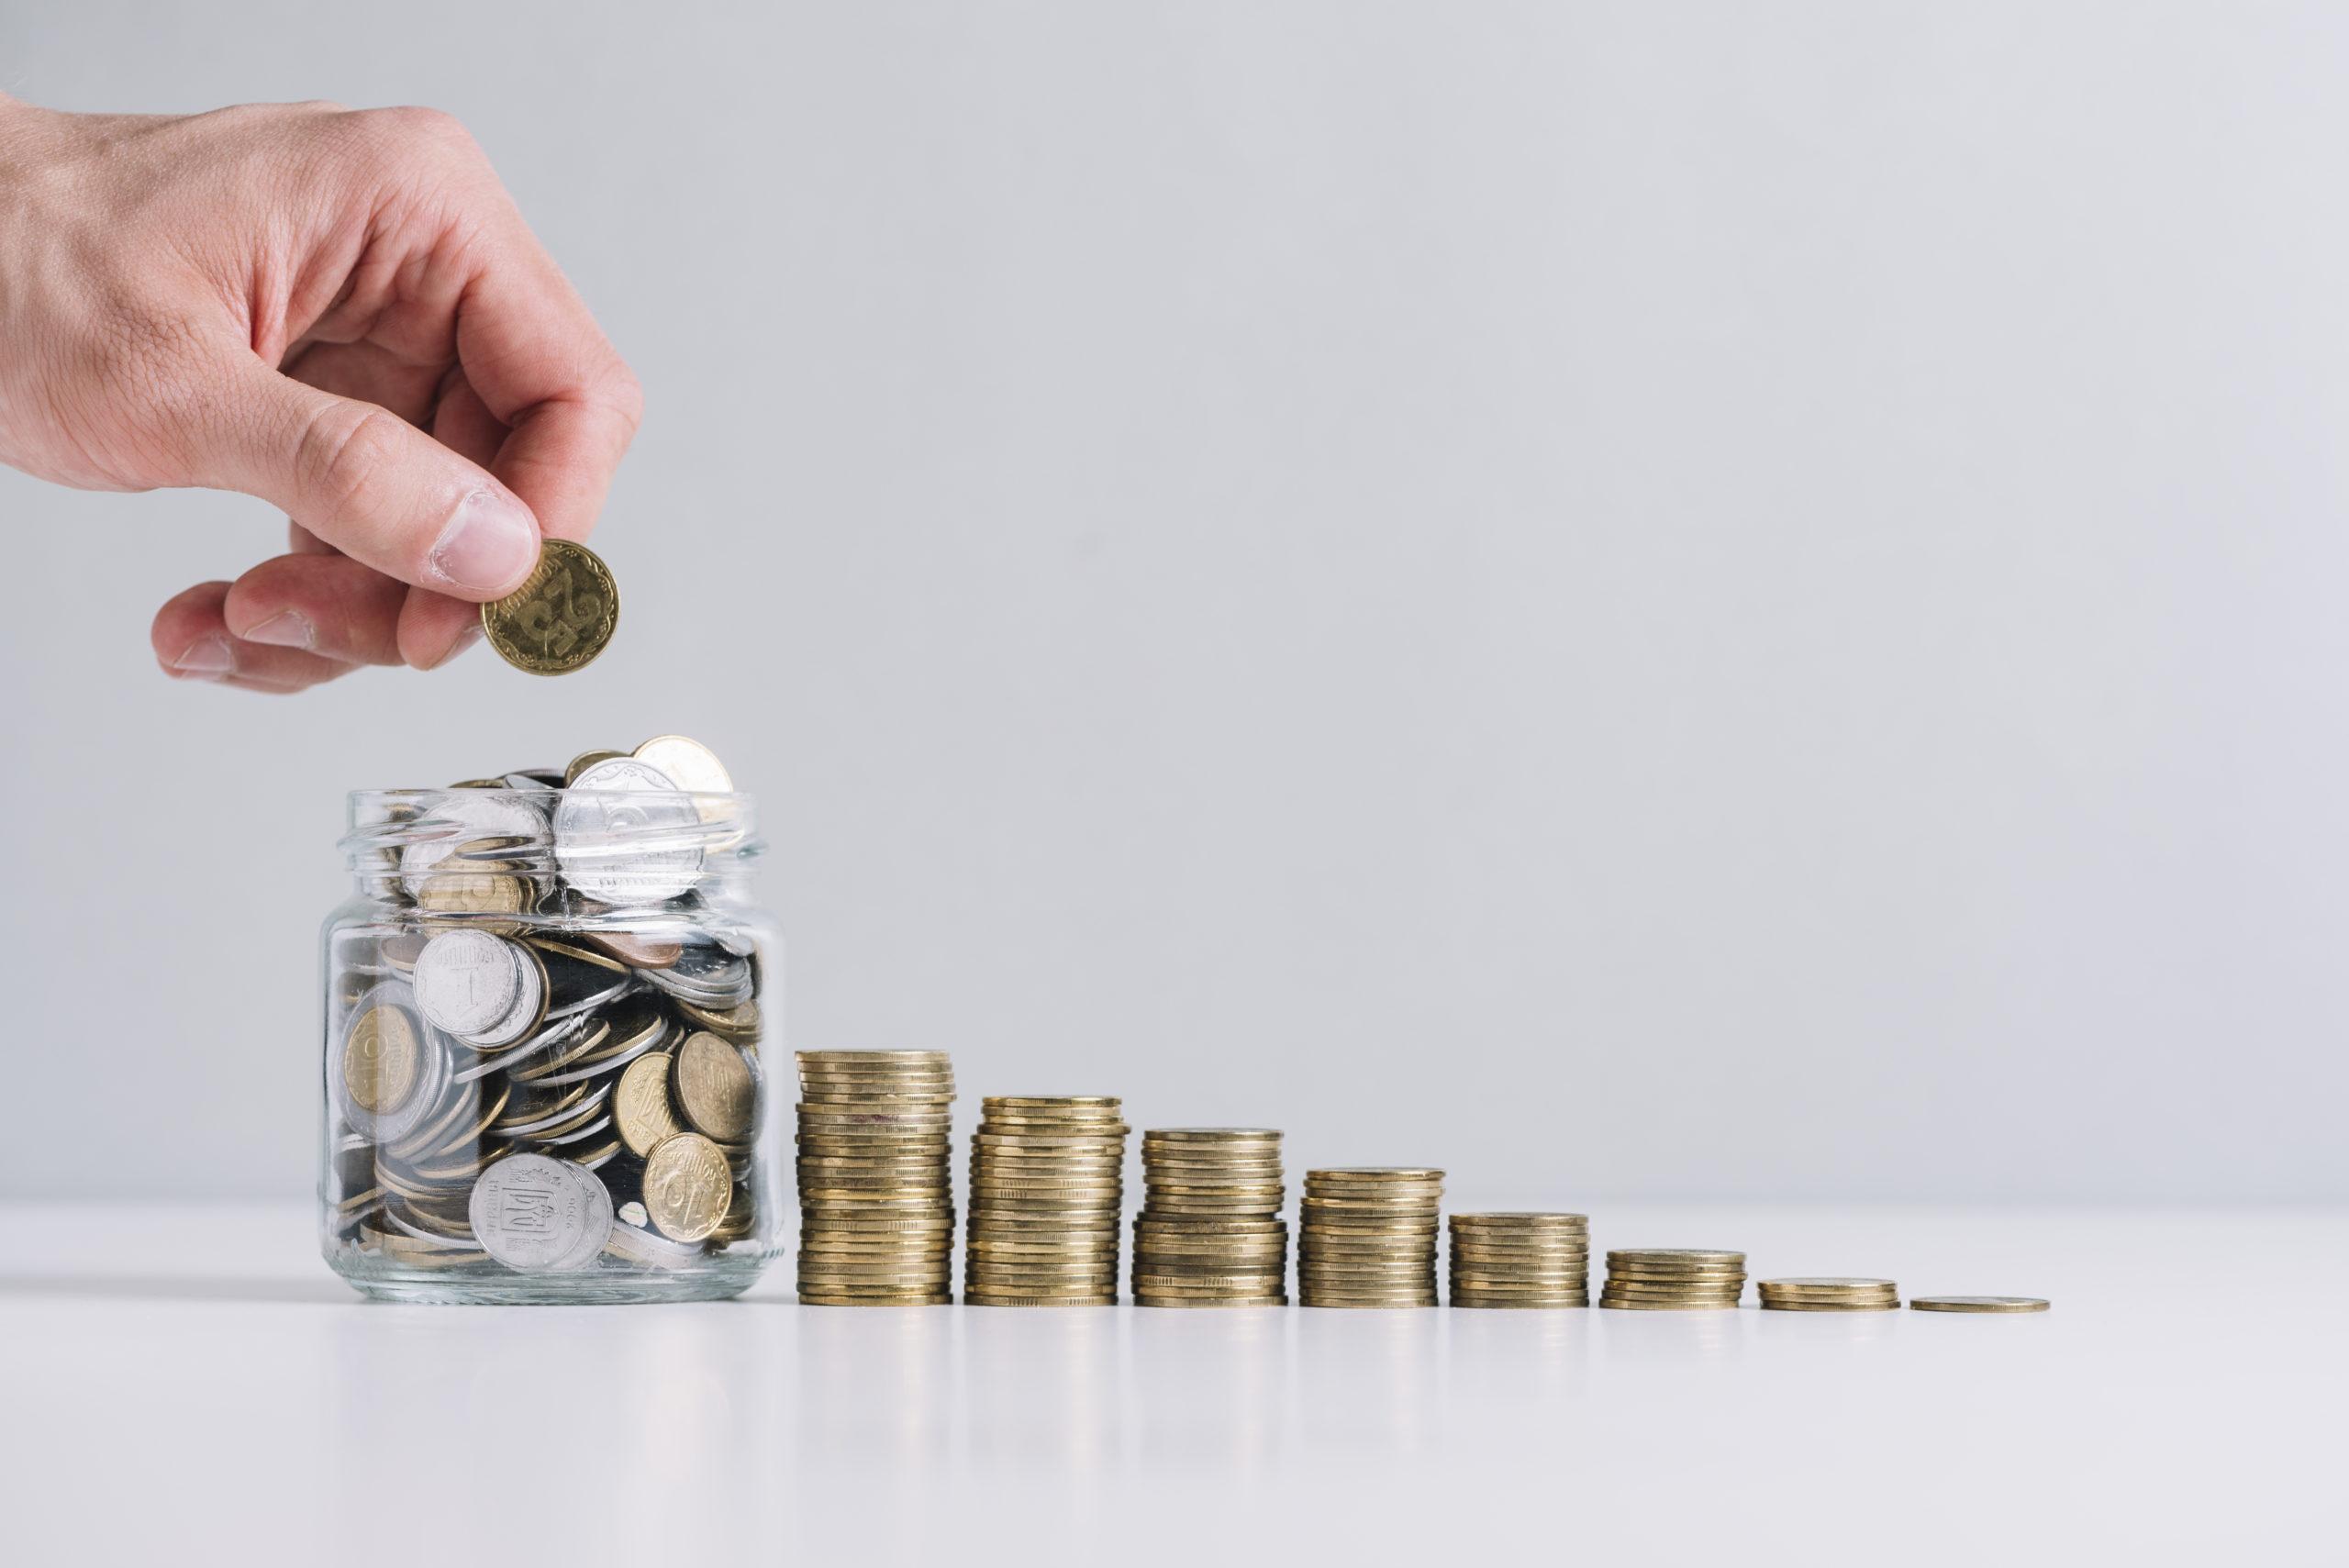 Что делать, если вы незапланированно стали резидентом России в 2020 году и уже успели совершить валютные операции?